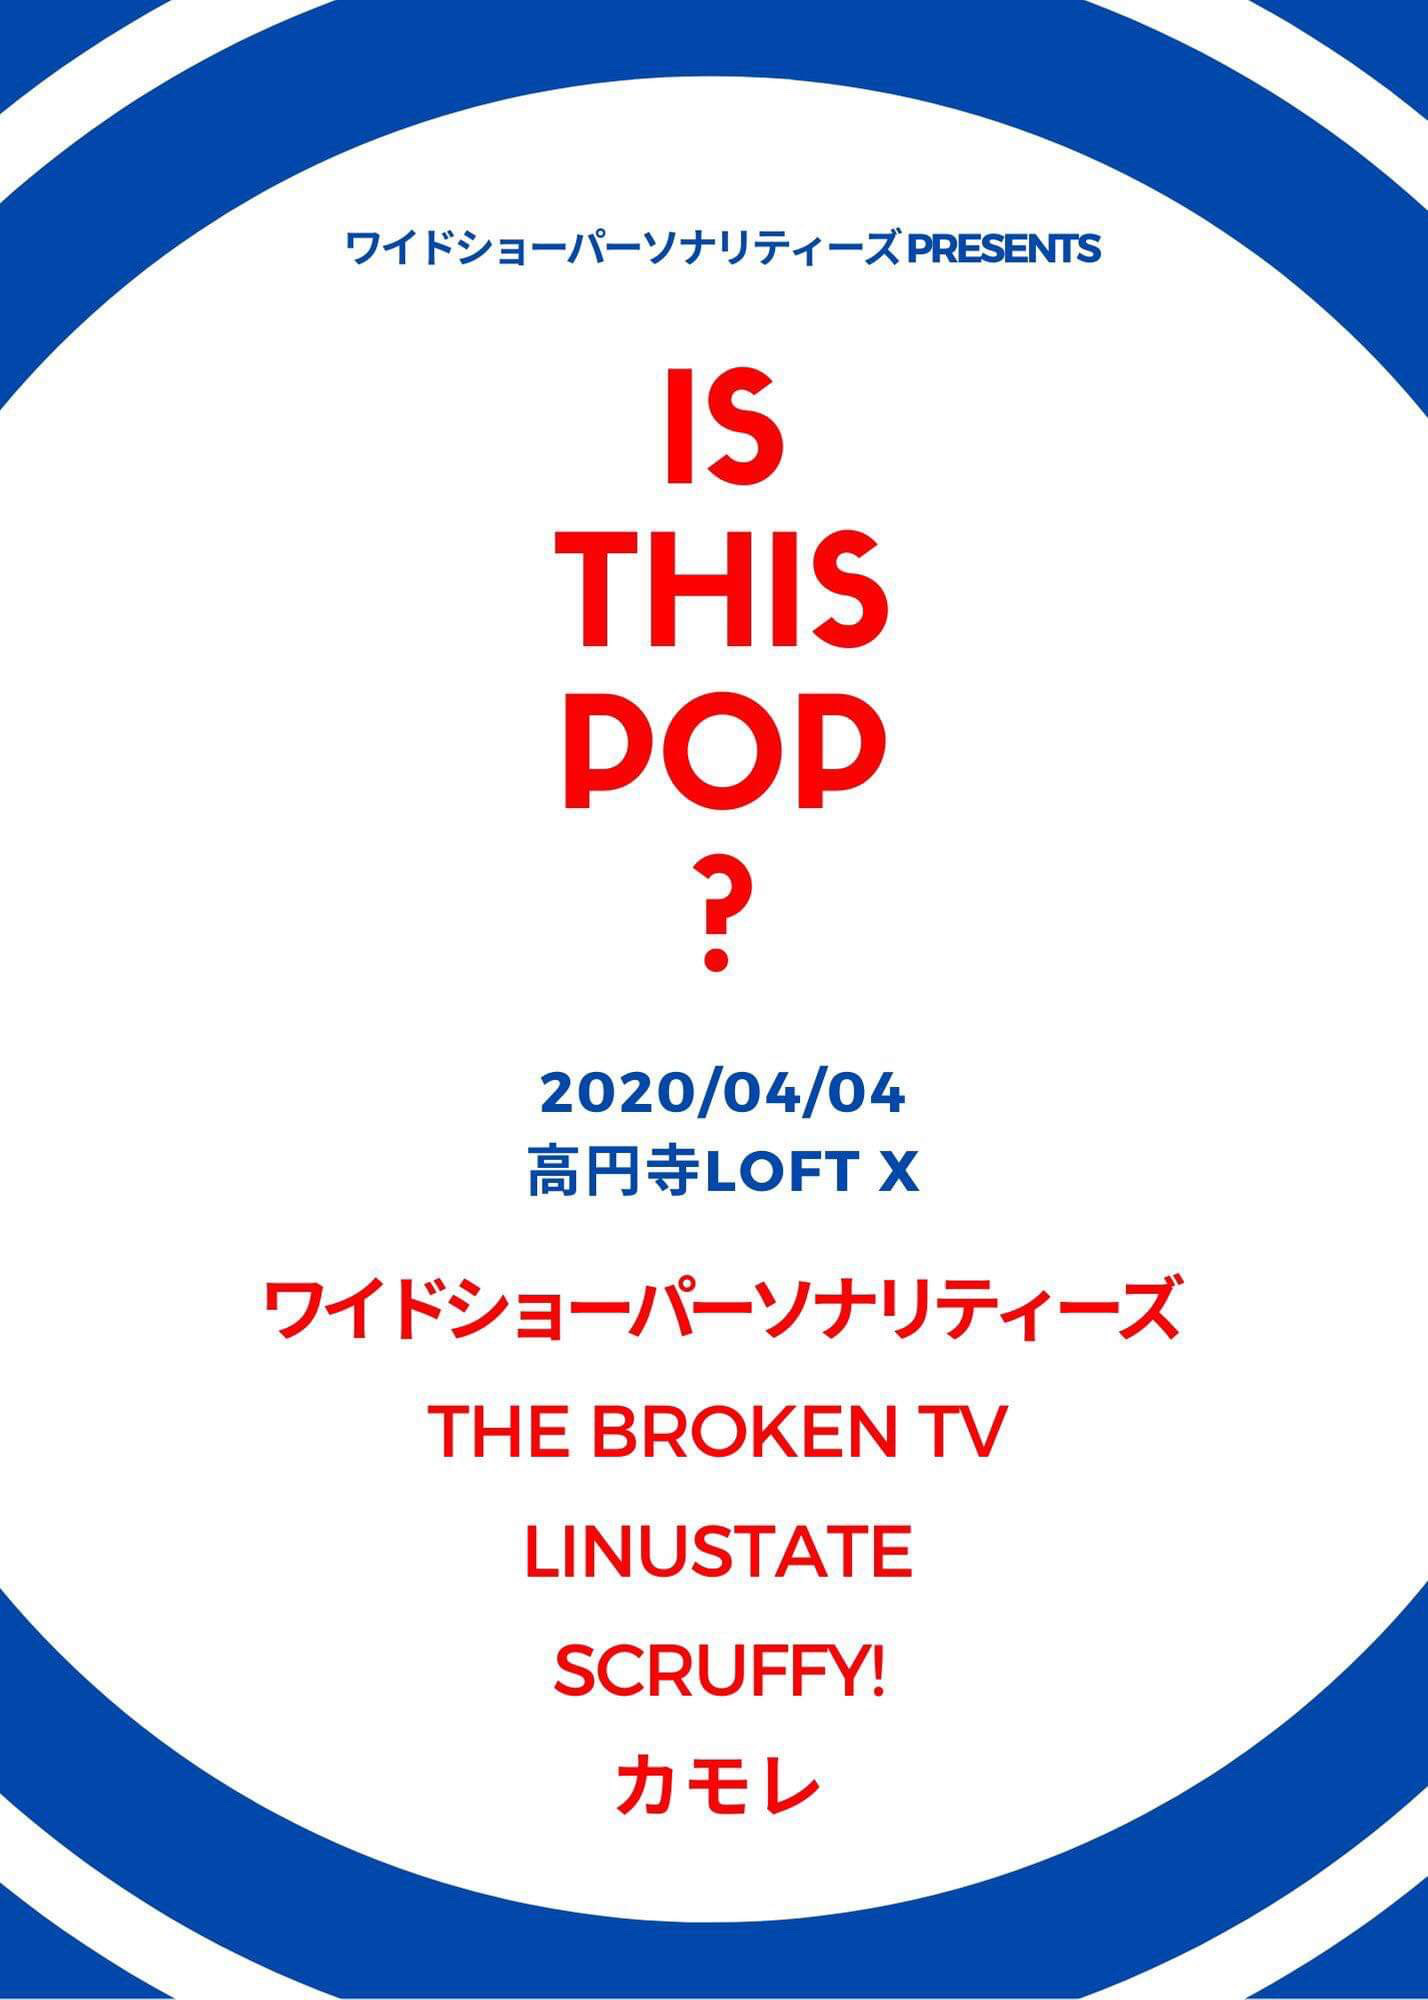 2020/04/04 新高円寺LOFT X ライブが決定しました!_b0048882_09114422.jpg